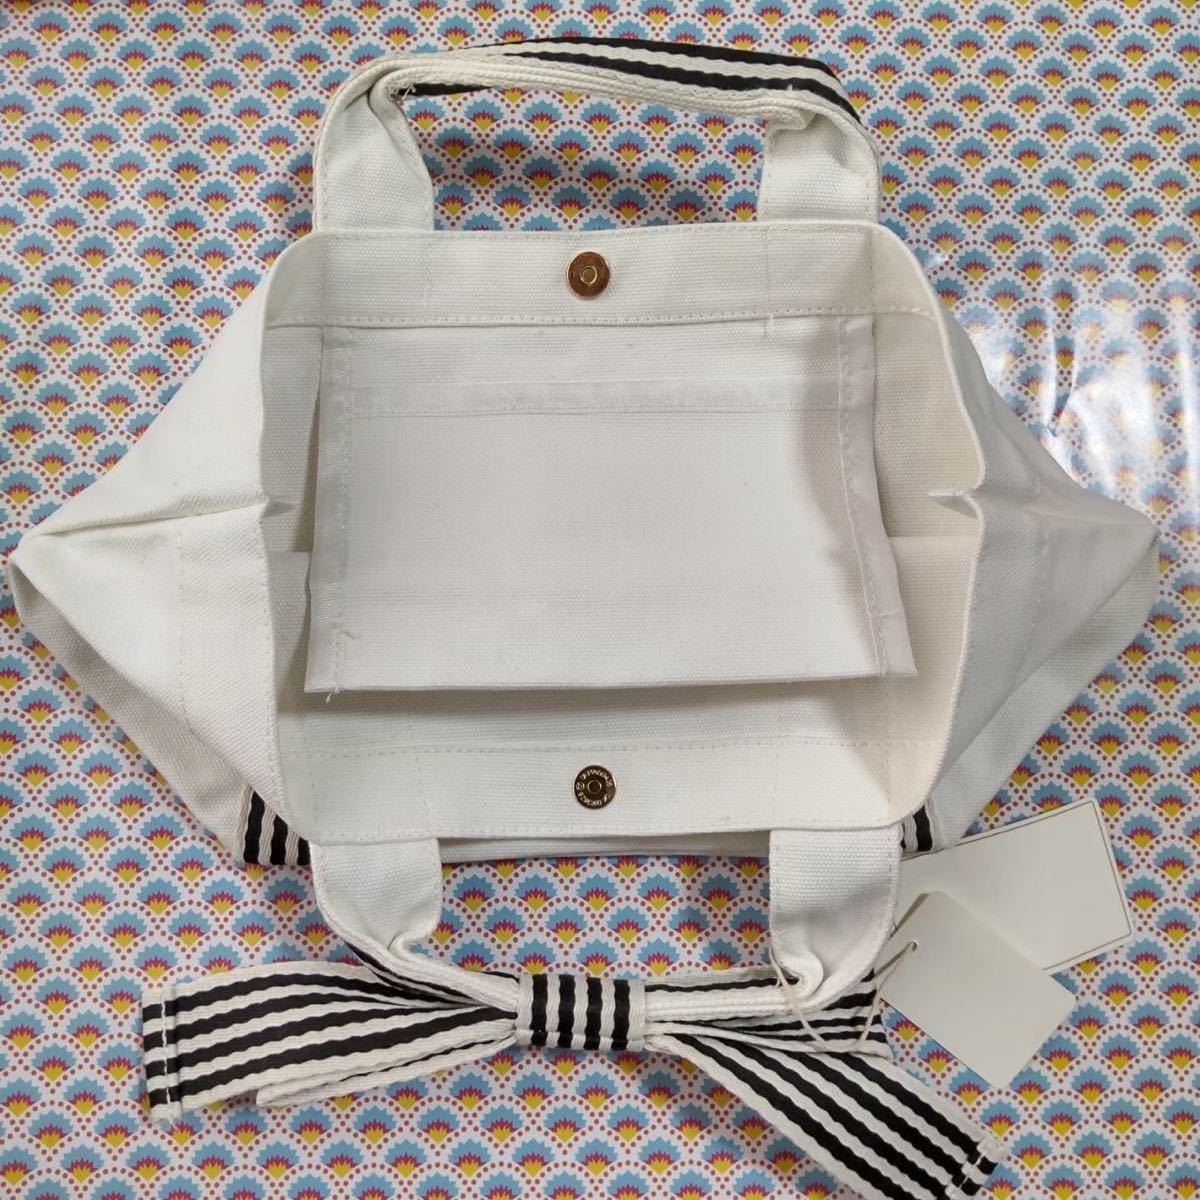 トートバッグ キャンバス リボントート ミニトート ランチバッグ ホワイト